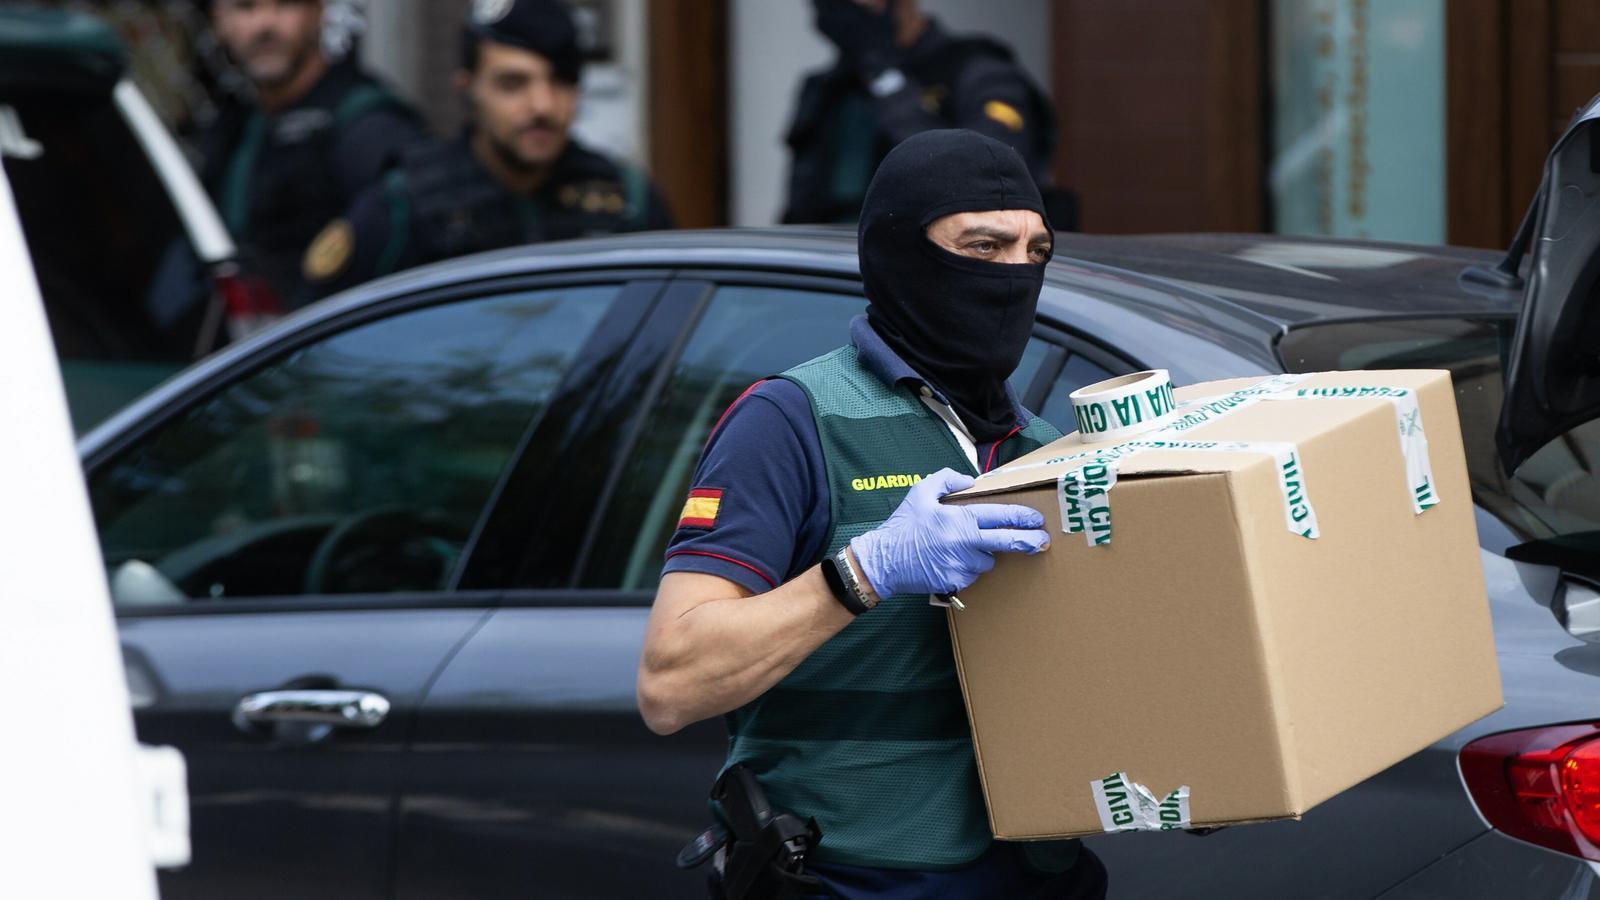 La Guàrdia Civil, en una imatge d'arxiu, del registre del passat 23 de setembre a Sabadell